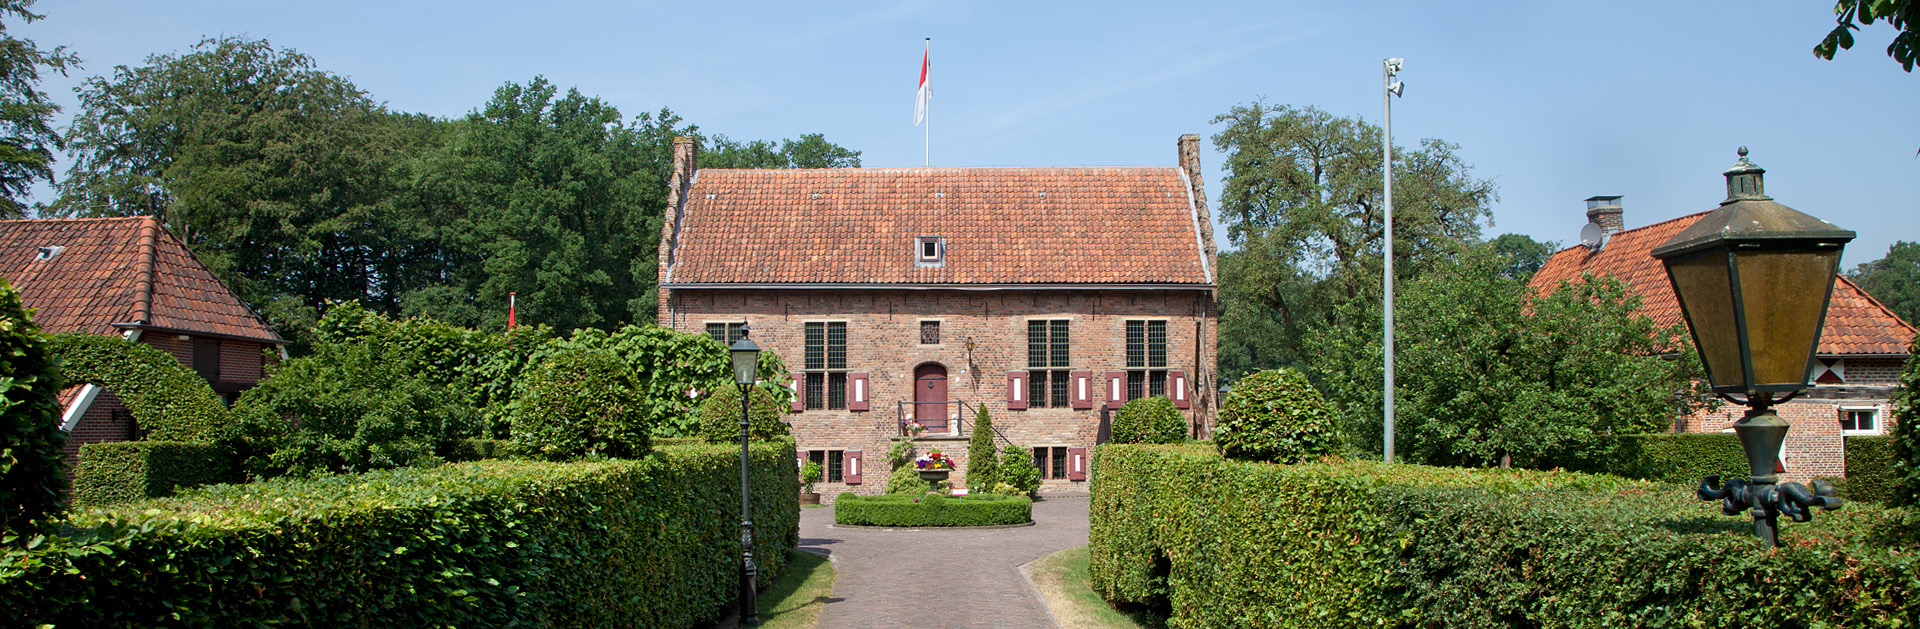 Kasteel de Kelder / Havezate Hagen - Doetinchem Regio Achterhoek - Liemers